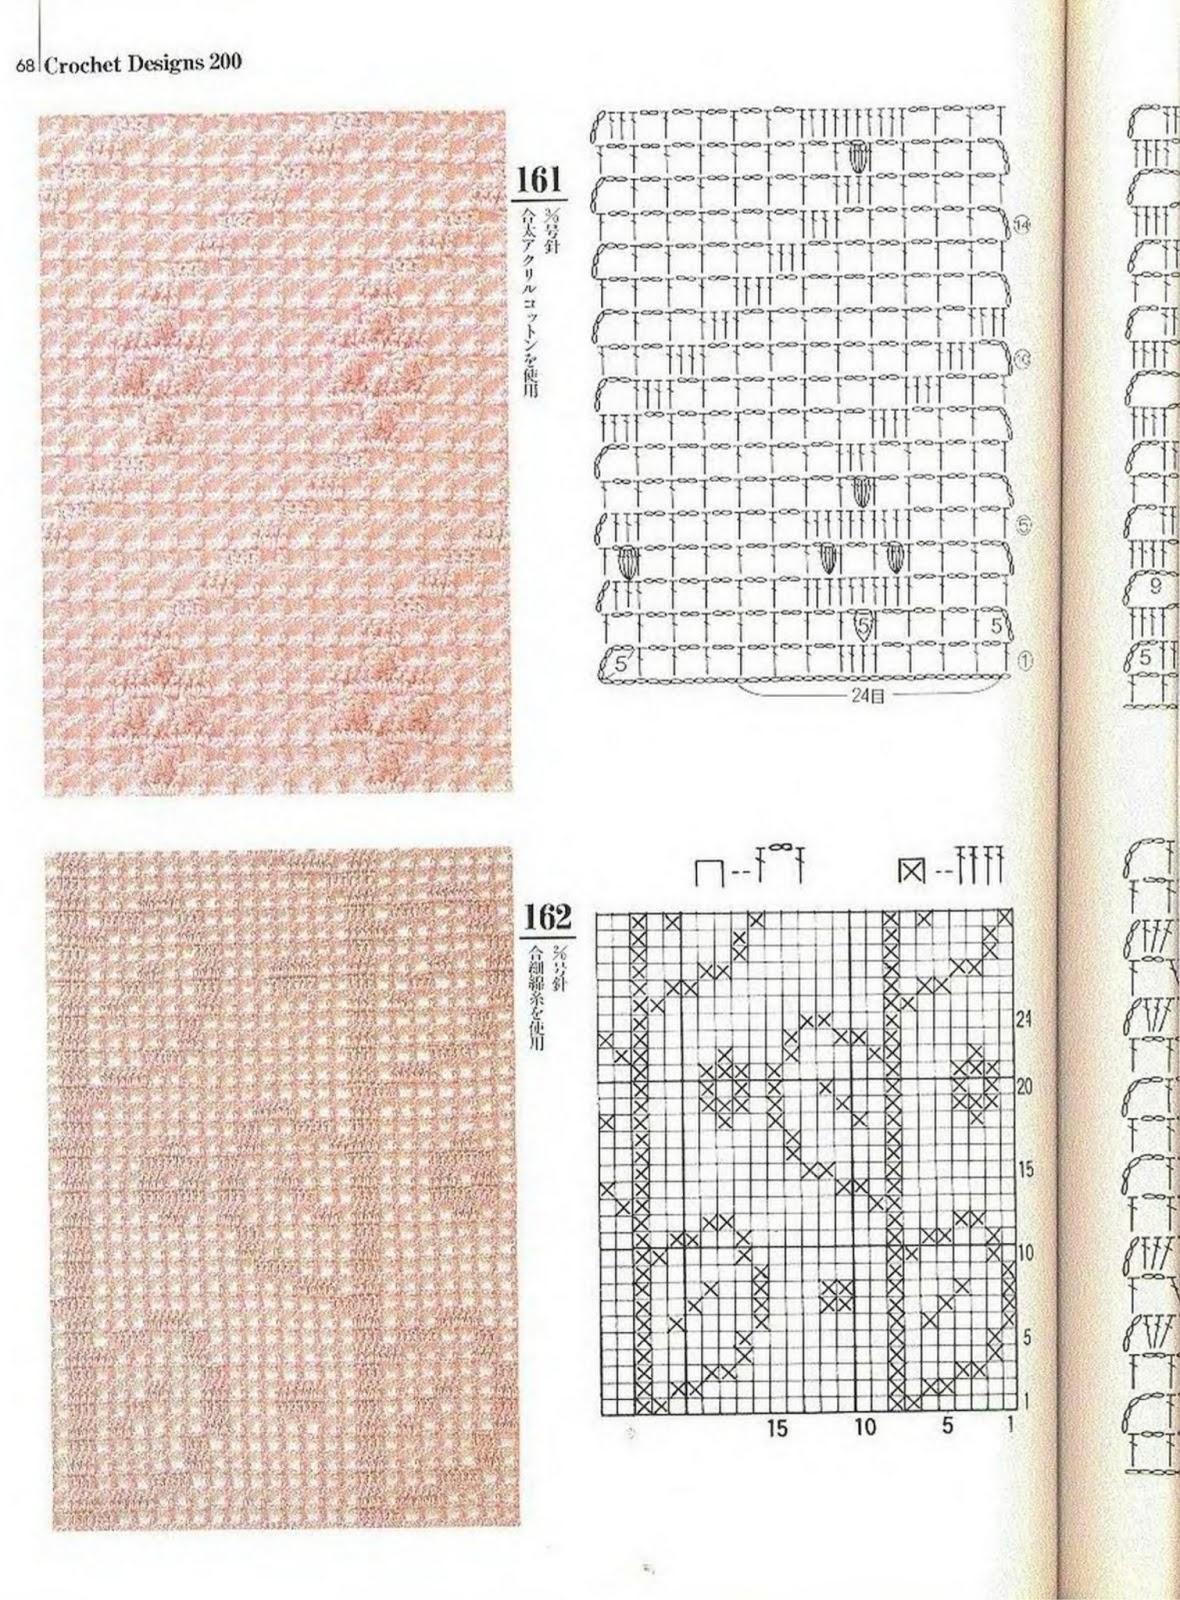 SOLO PUNTOS: Crochet filet